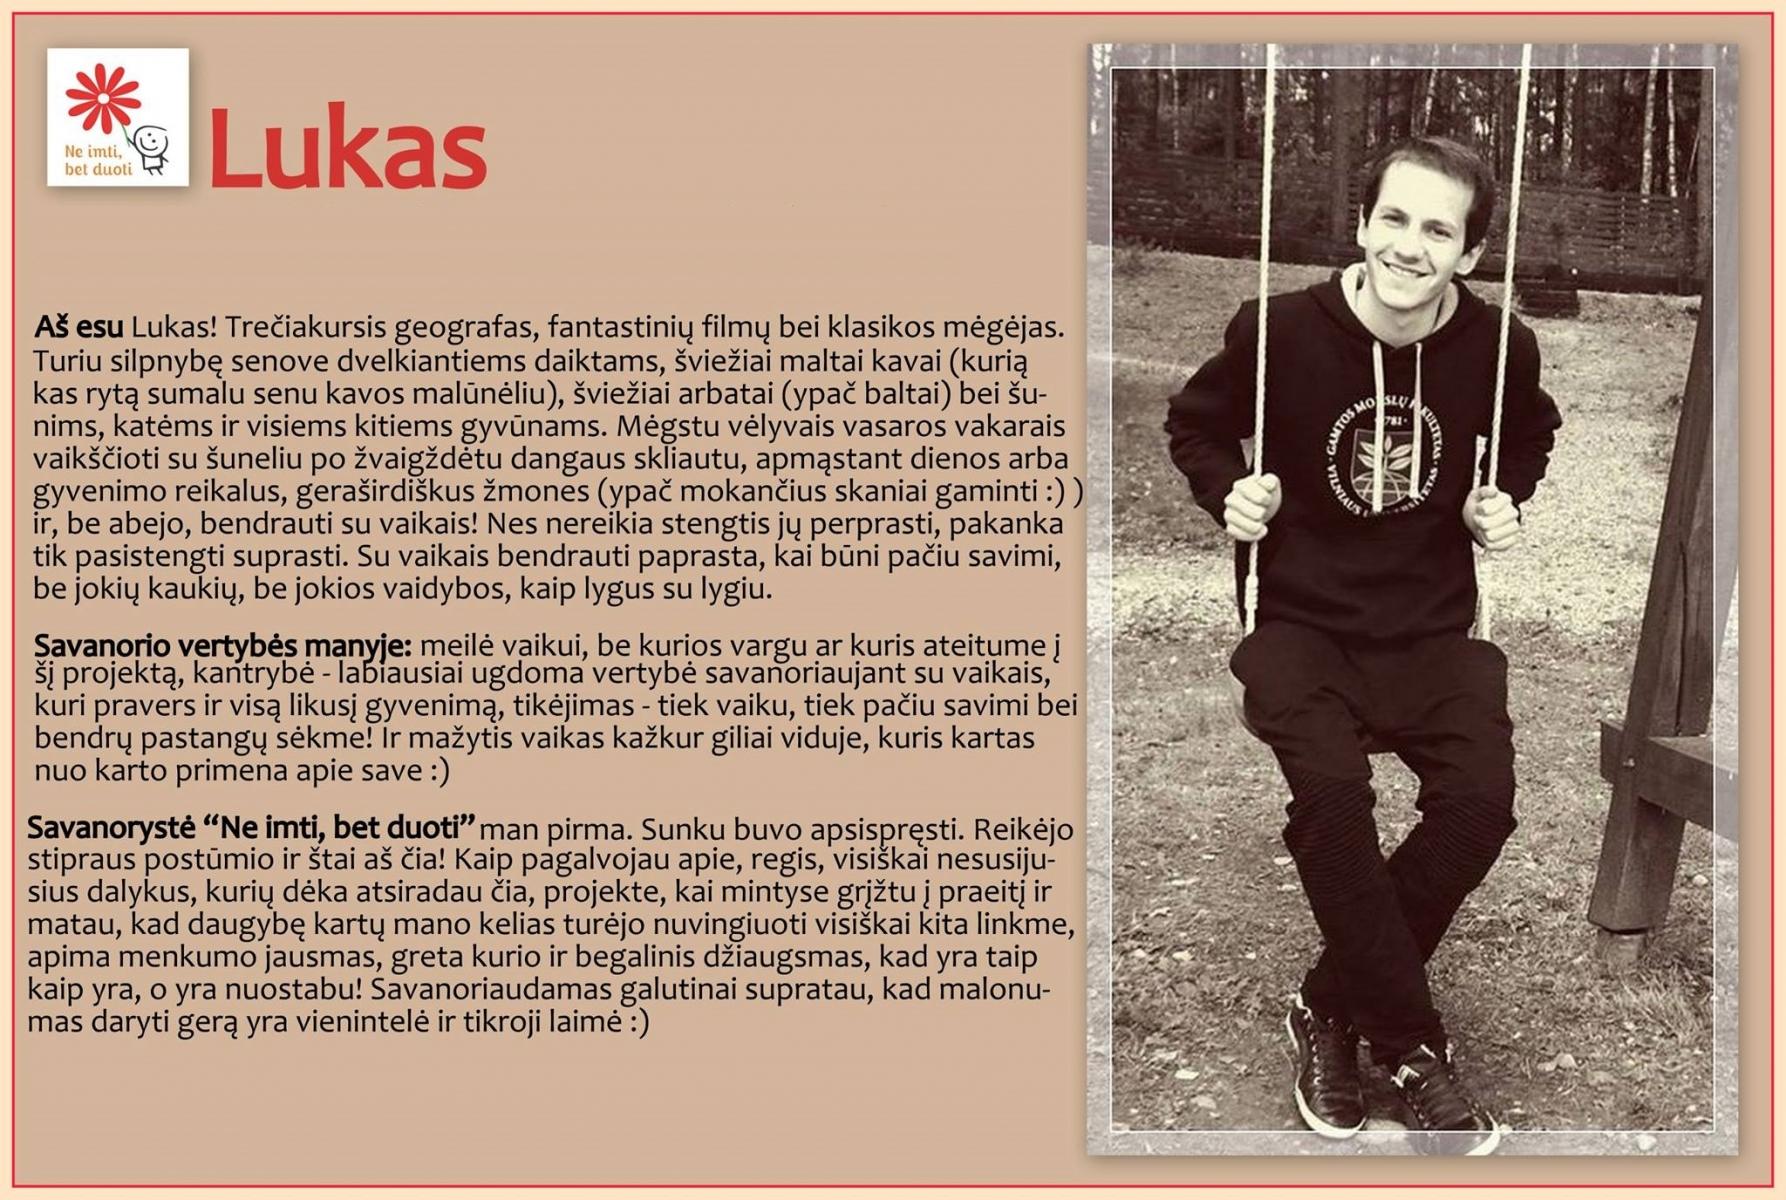 Lukas Dvilevicius